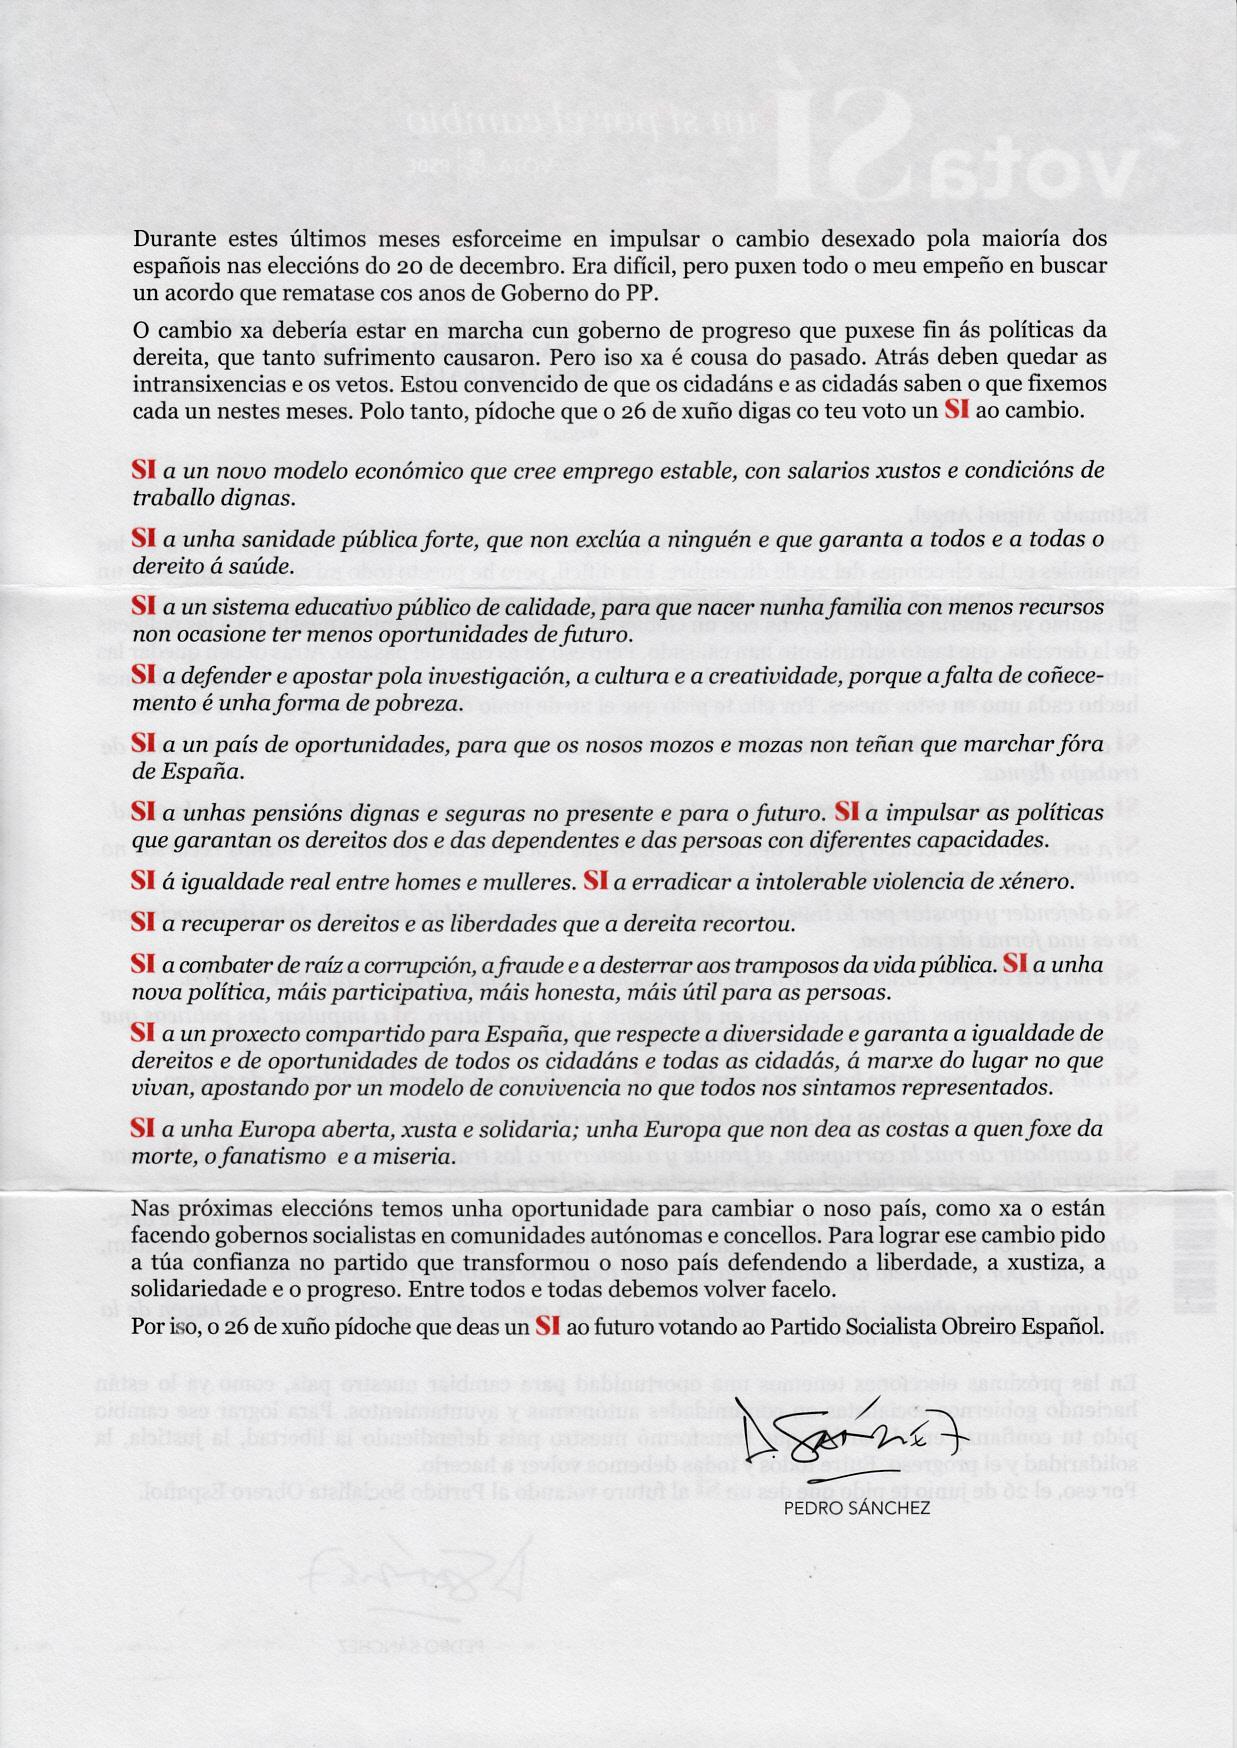 PSOE_2016_corunha_0002